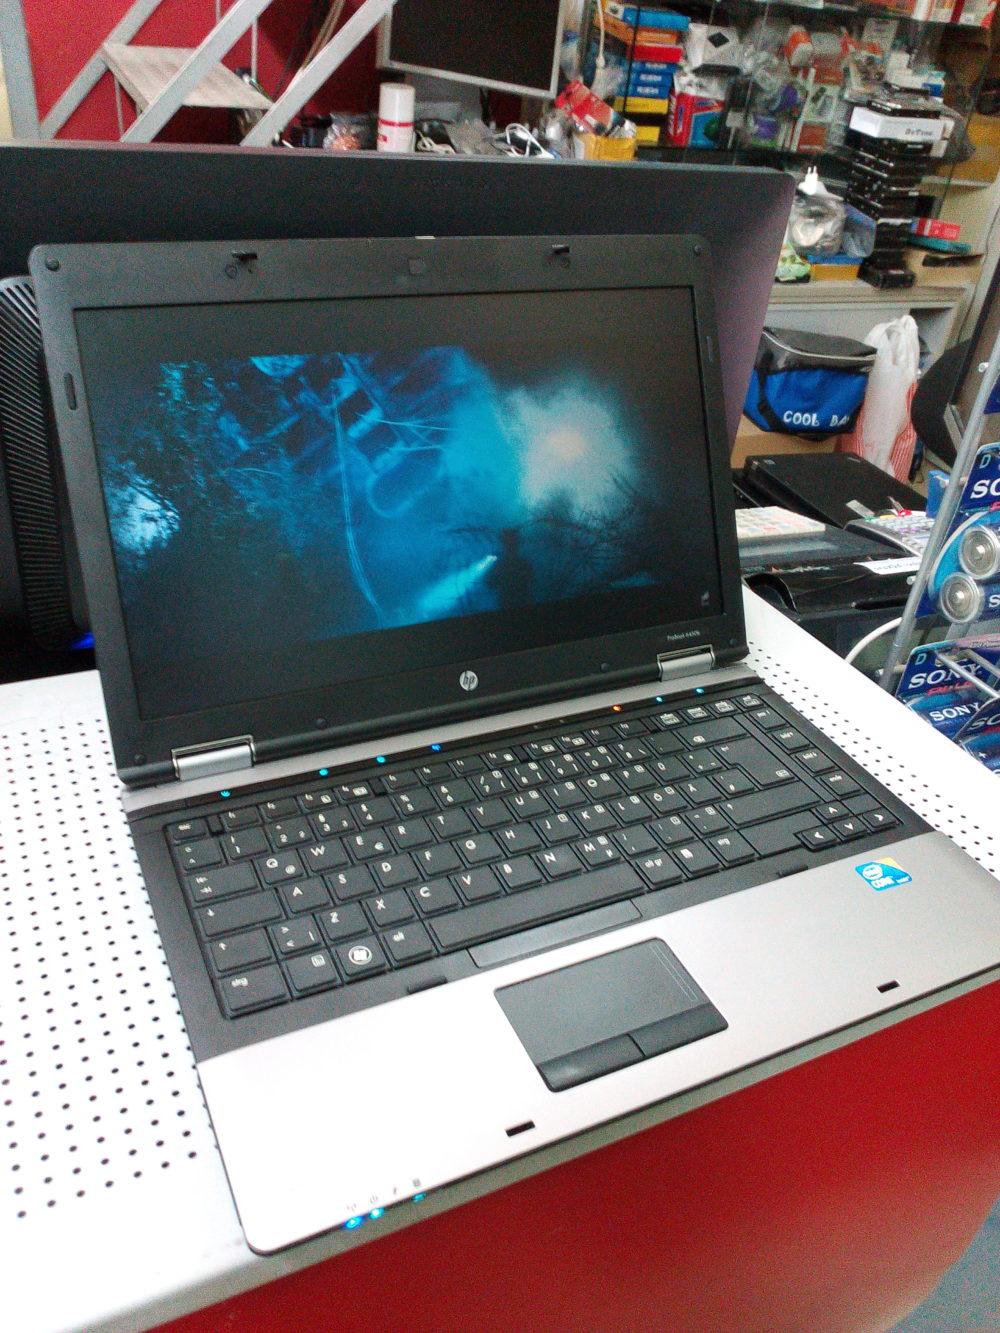 Hewlett Packard ProBook 6450b Core i3 2x2.40 GHz - νεα ιωνία (2)